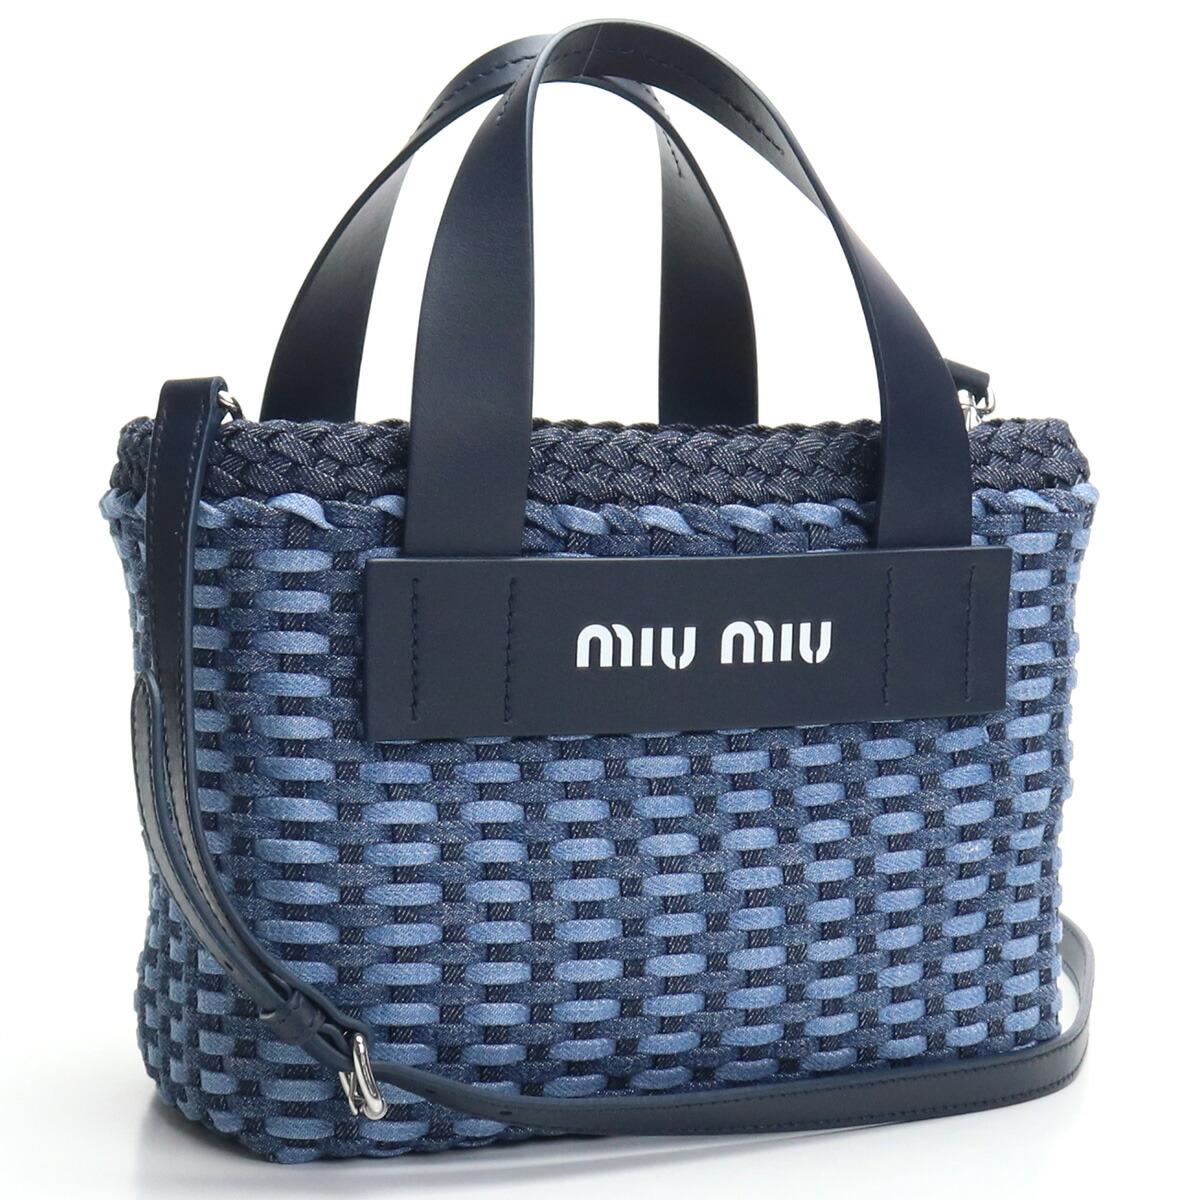 ミュウミュウ MIUMIU トートバッグ 5BA077 2D64 V OI2 F0008 ブルー系 bos-32 kago-01 レディース